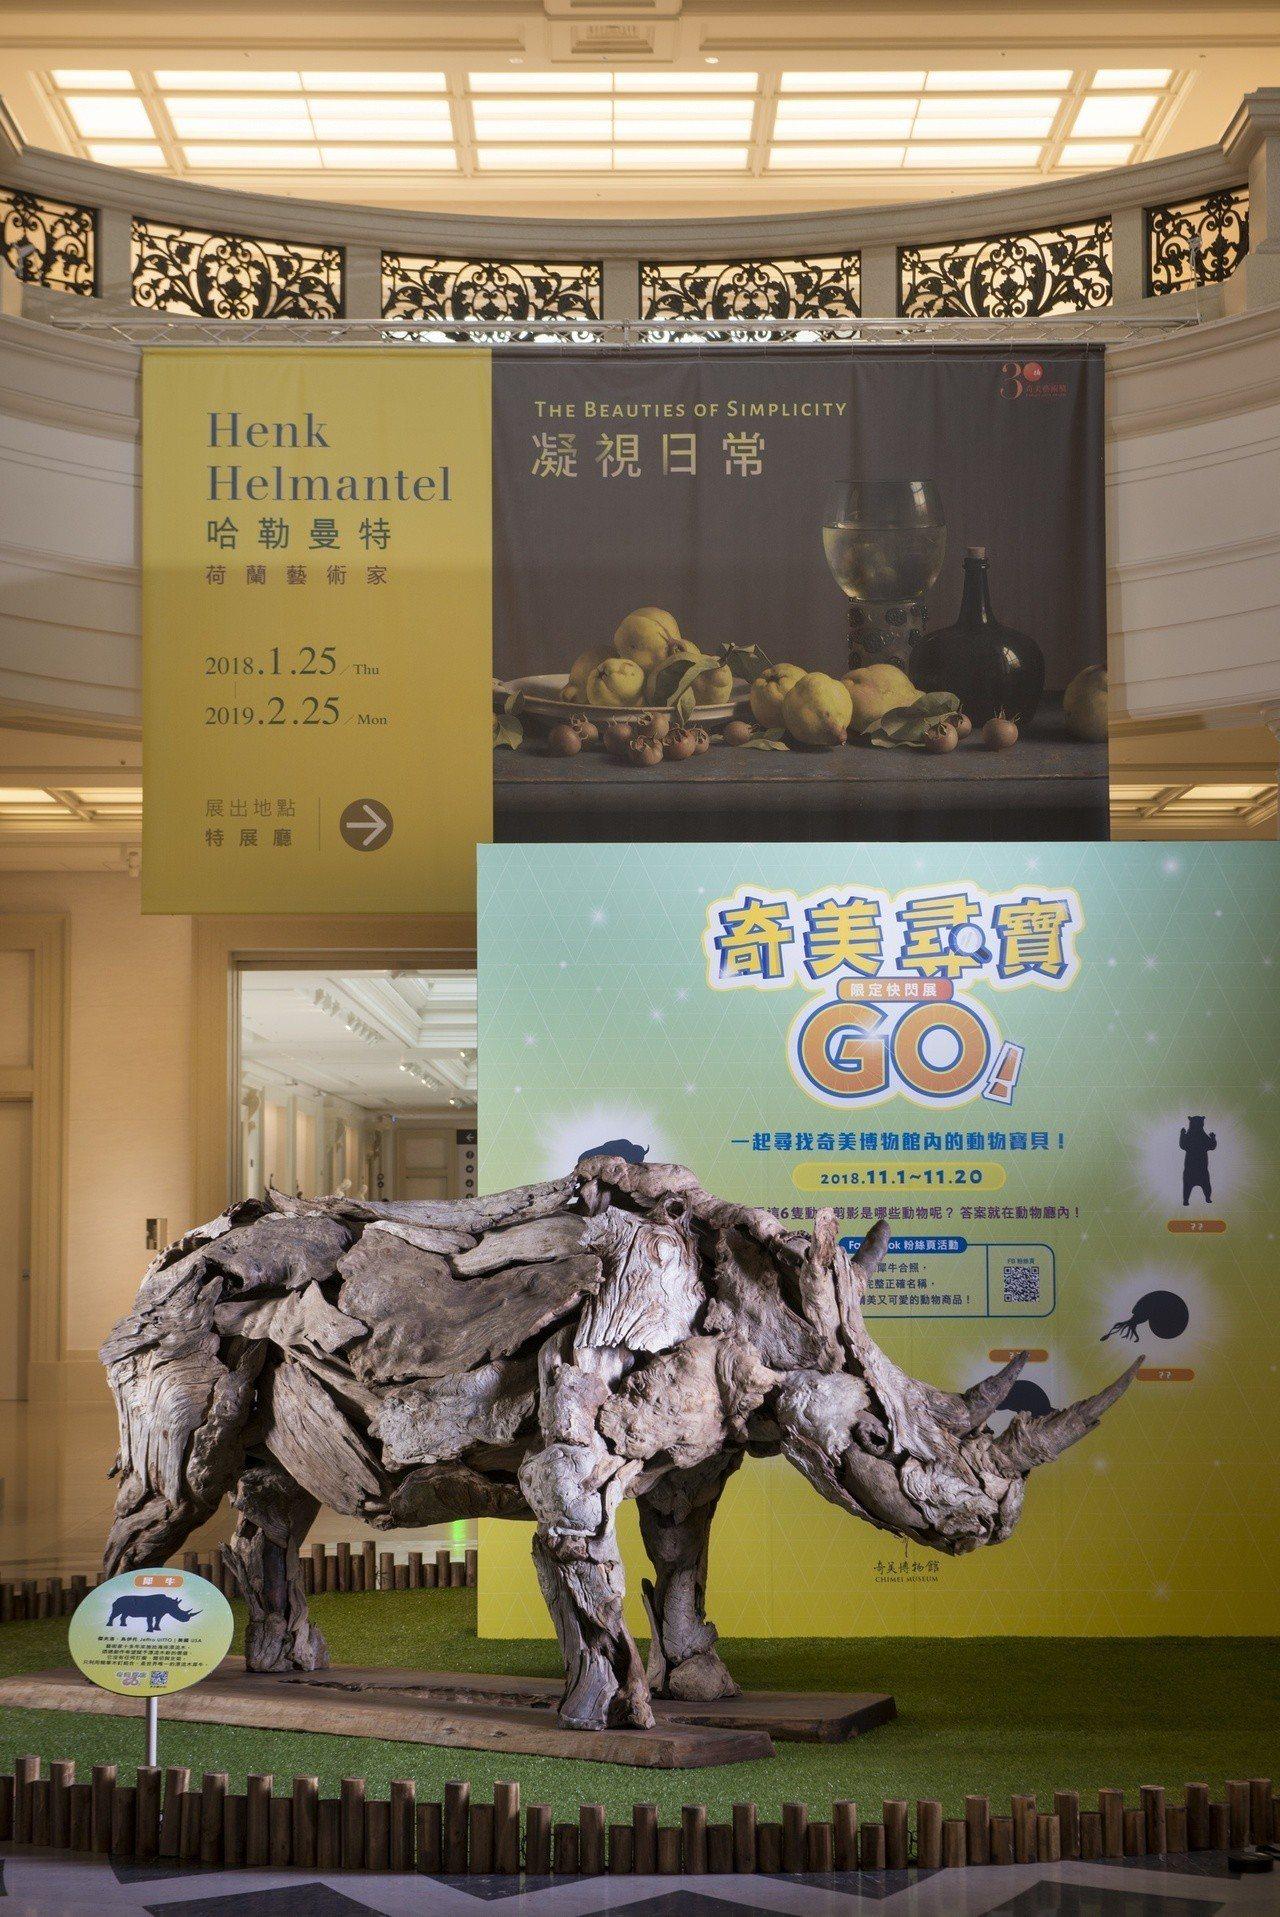 奇美博物館同步推出「奇美尋寶GO!限定快閃展」,並首度開放動物廳拍照。圖/奇美博...